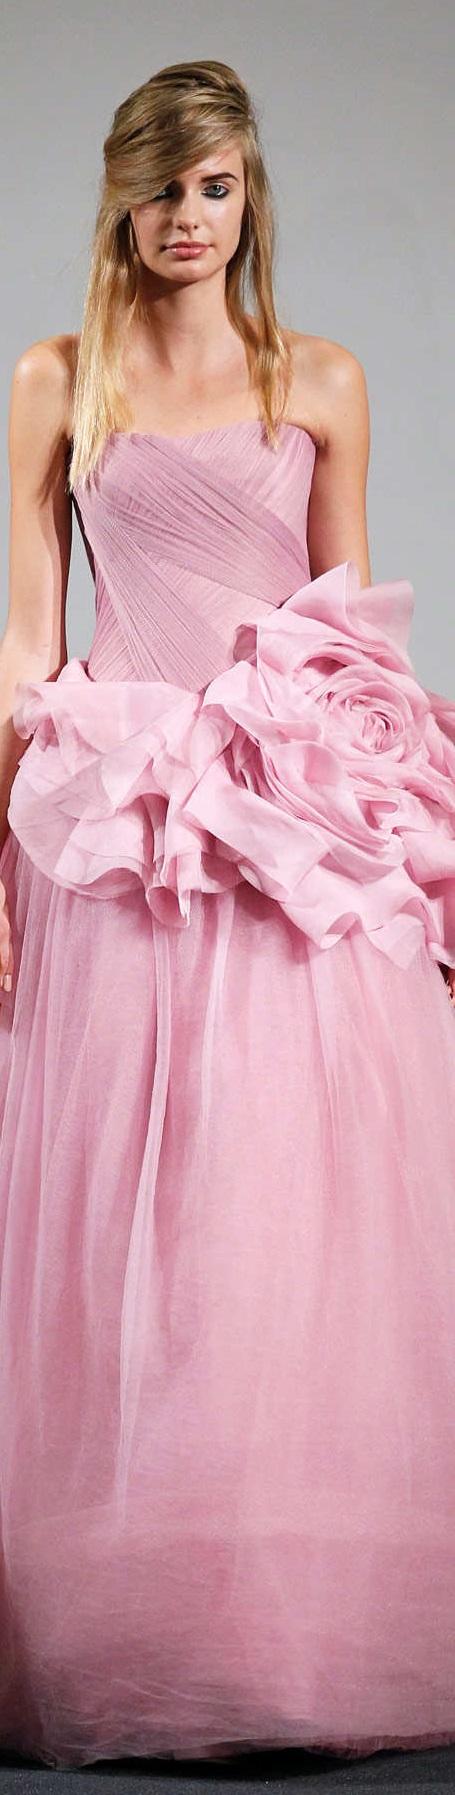 Único Vestido Rosa Dama Wang Vera Componente - Colección de Vestidos ...